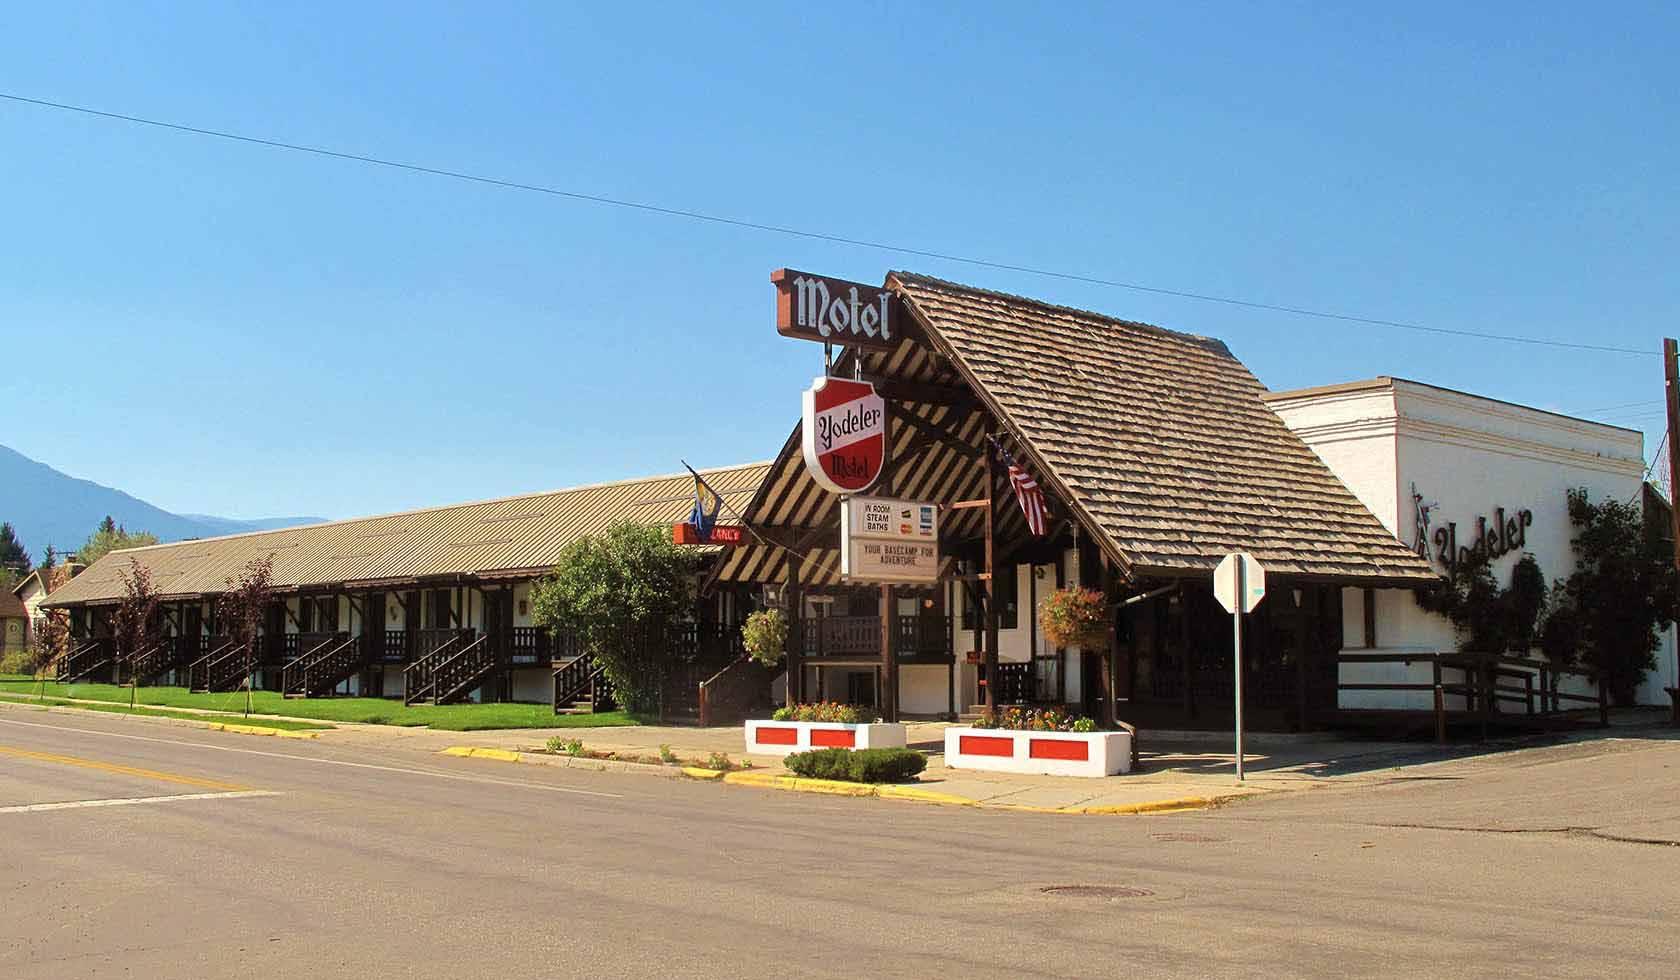 Yodeler Motel profile image